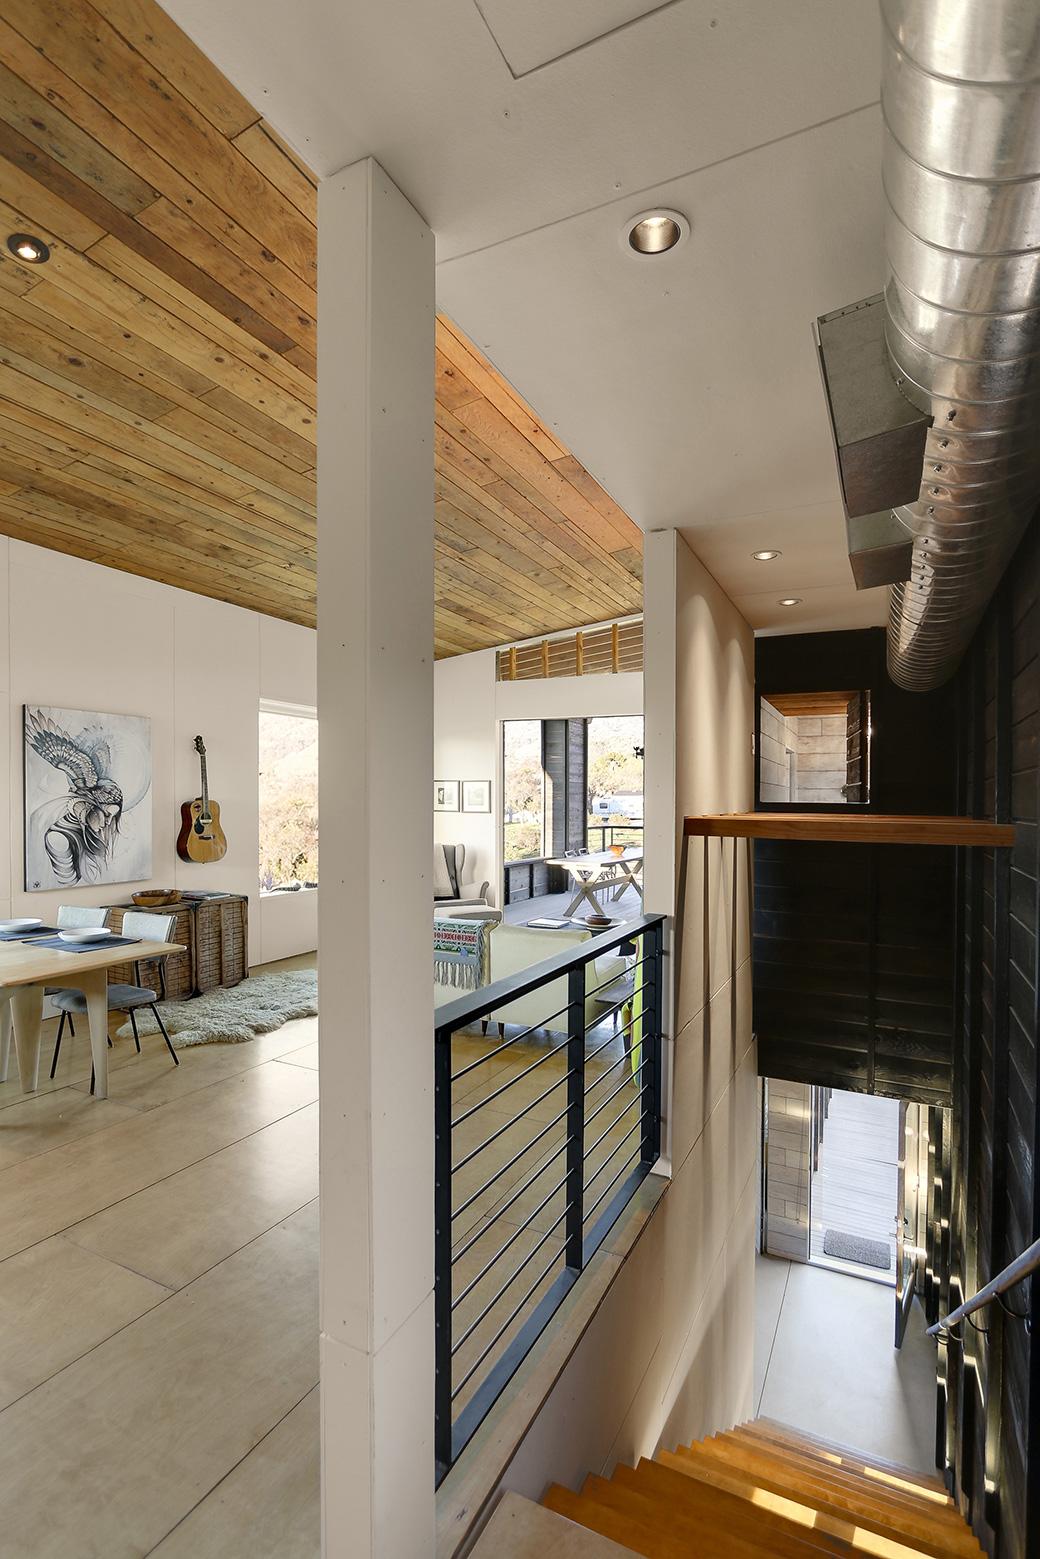 510 Cabin / Hunter Leggitt Studio (7)